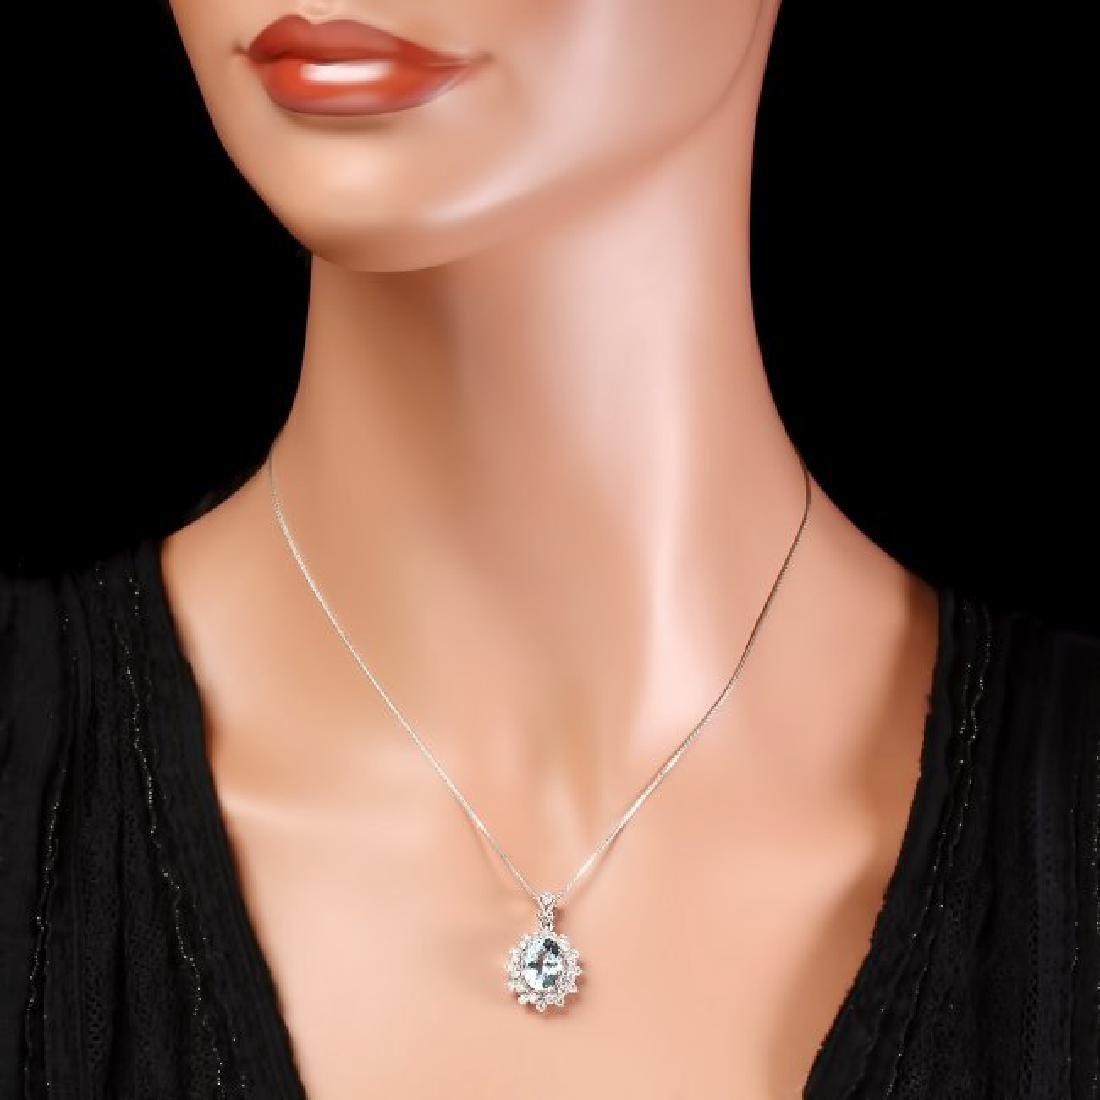 14k Gold 2.8ct Aquamarine .70ct Diamond Pendant - 5